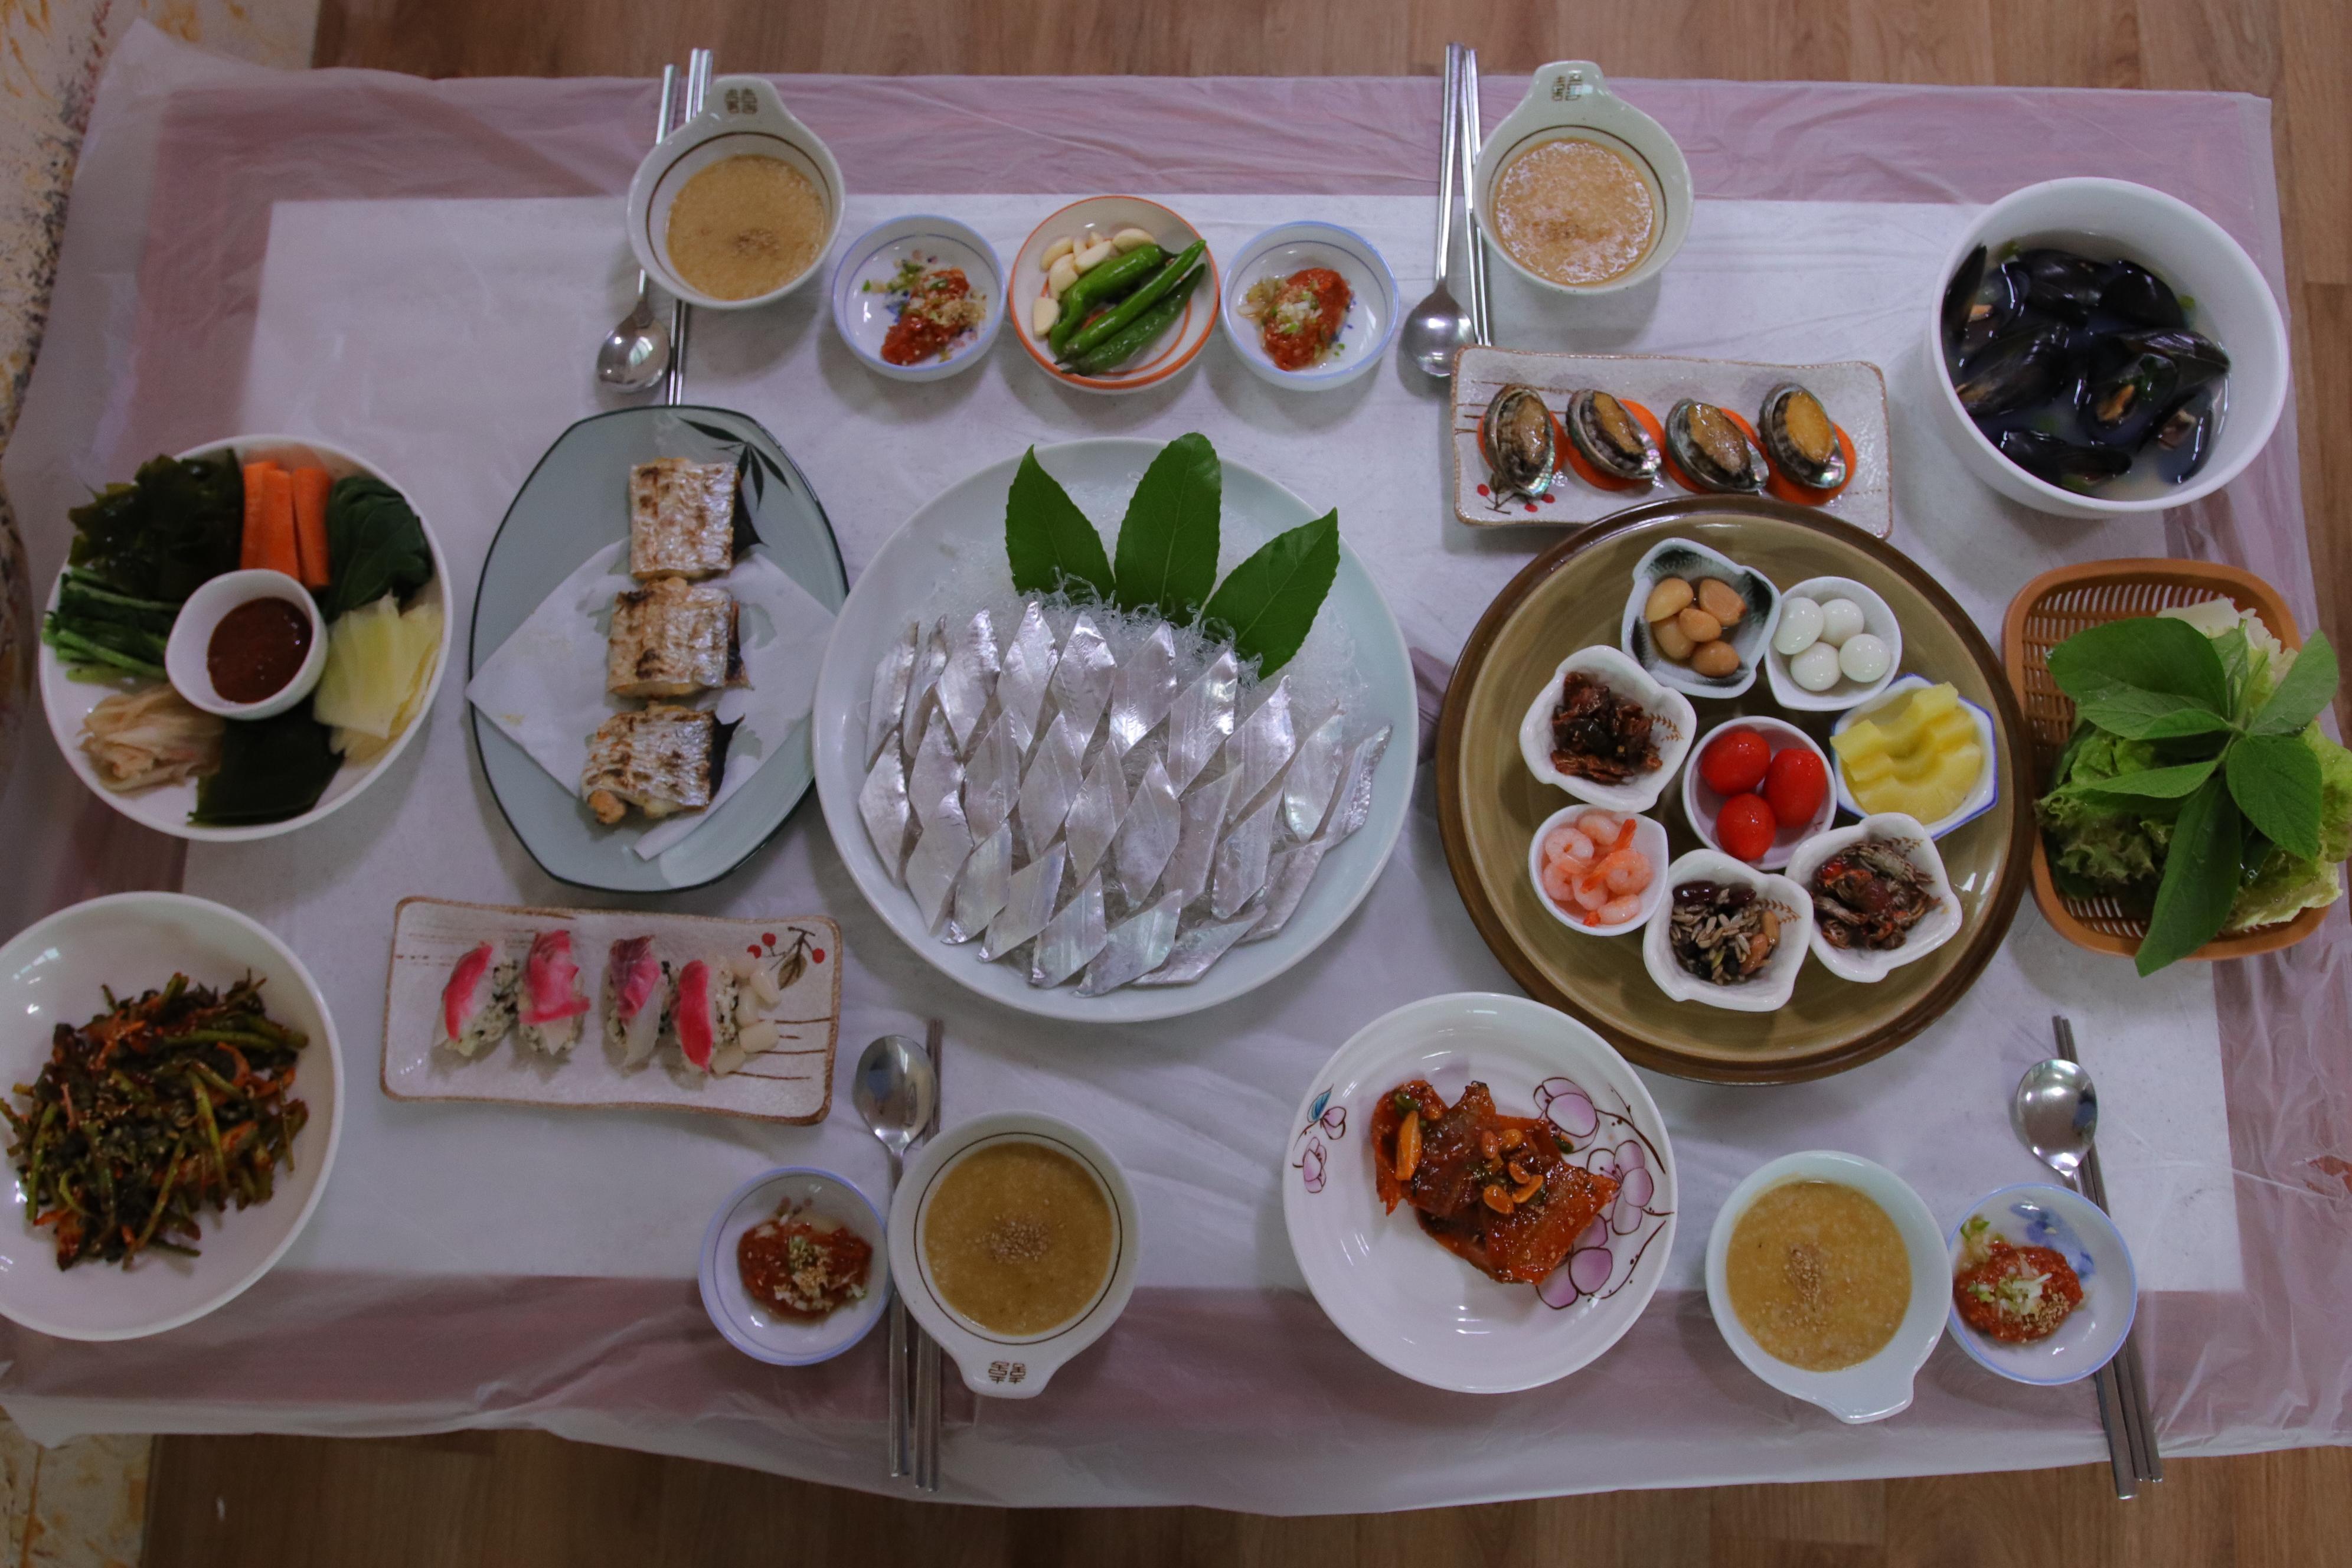 した上満載タチウオ料理済州西帰浦太刀魚煮物ナムグン米。